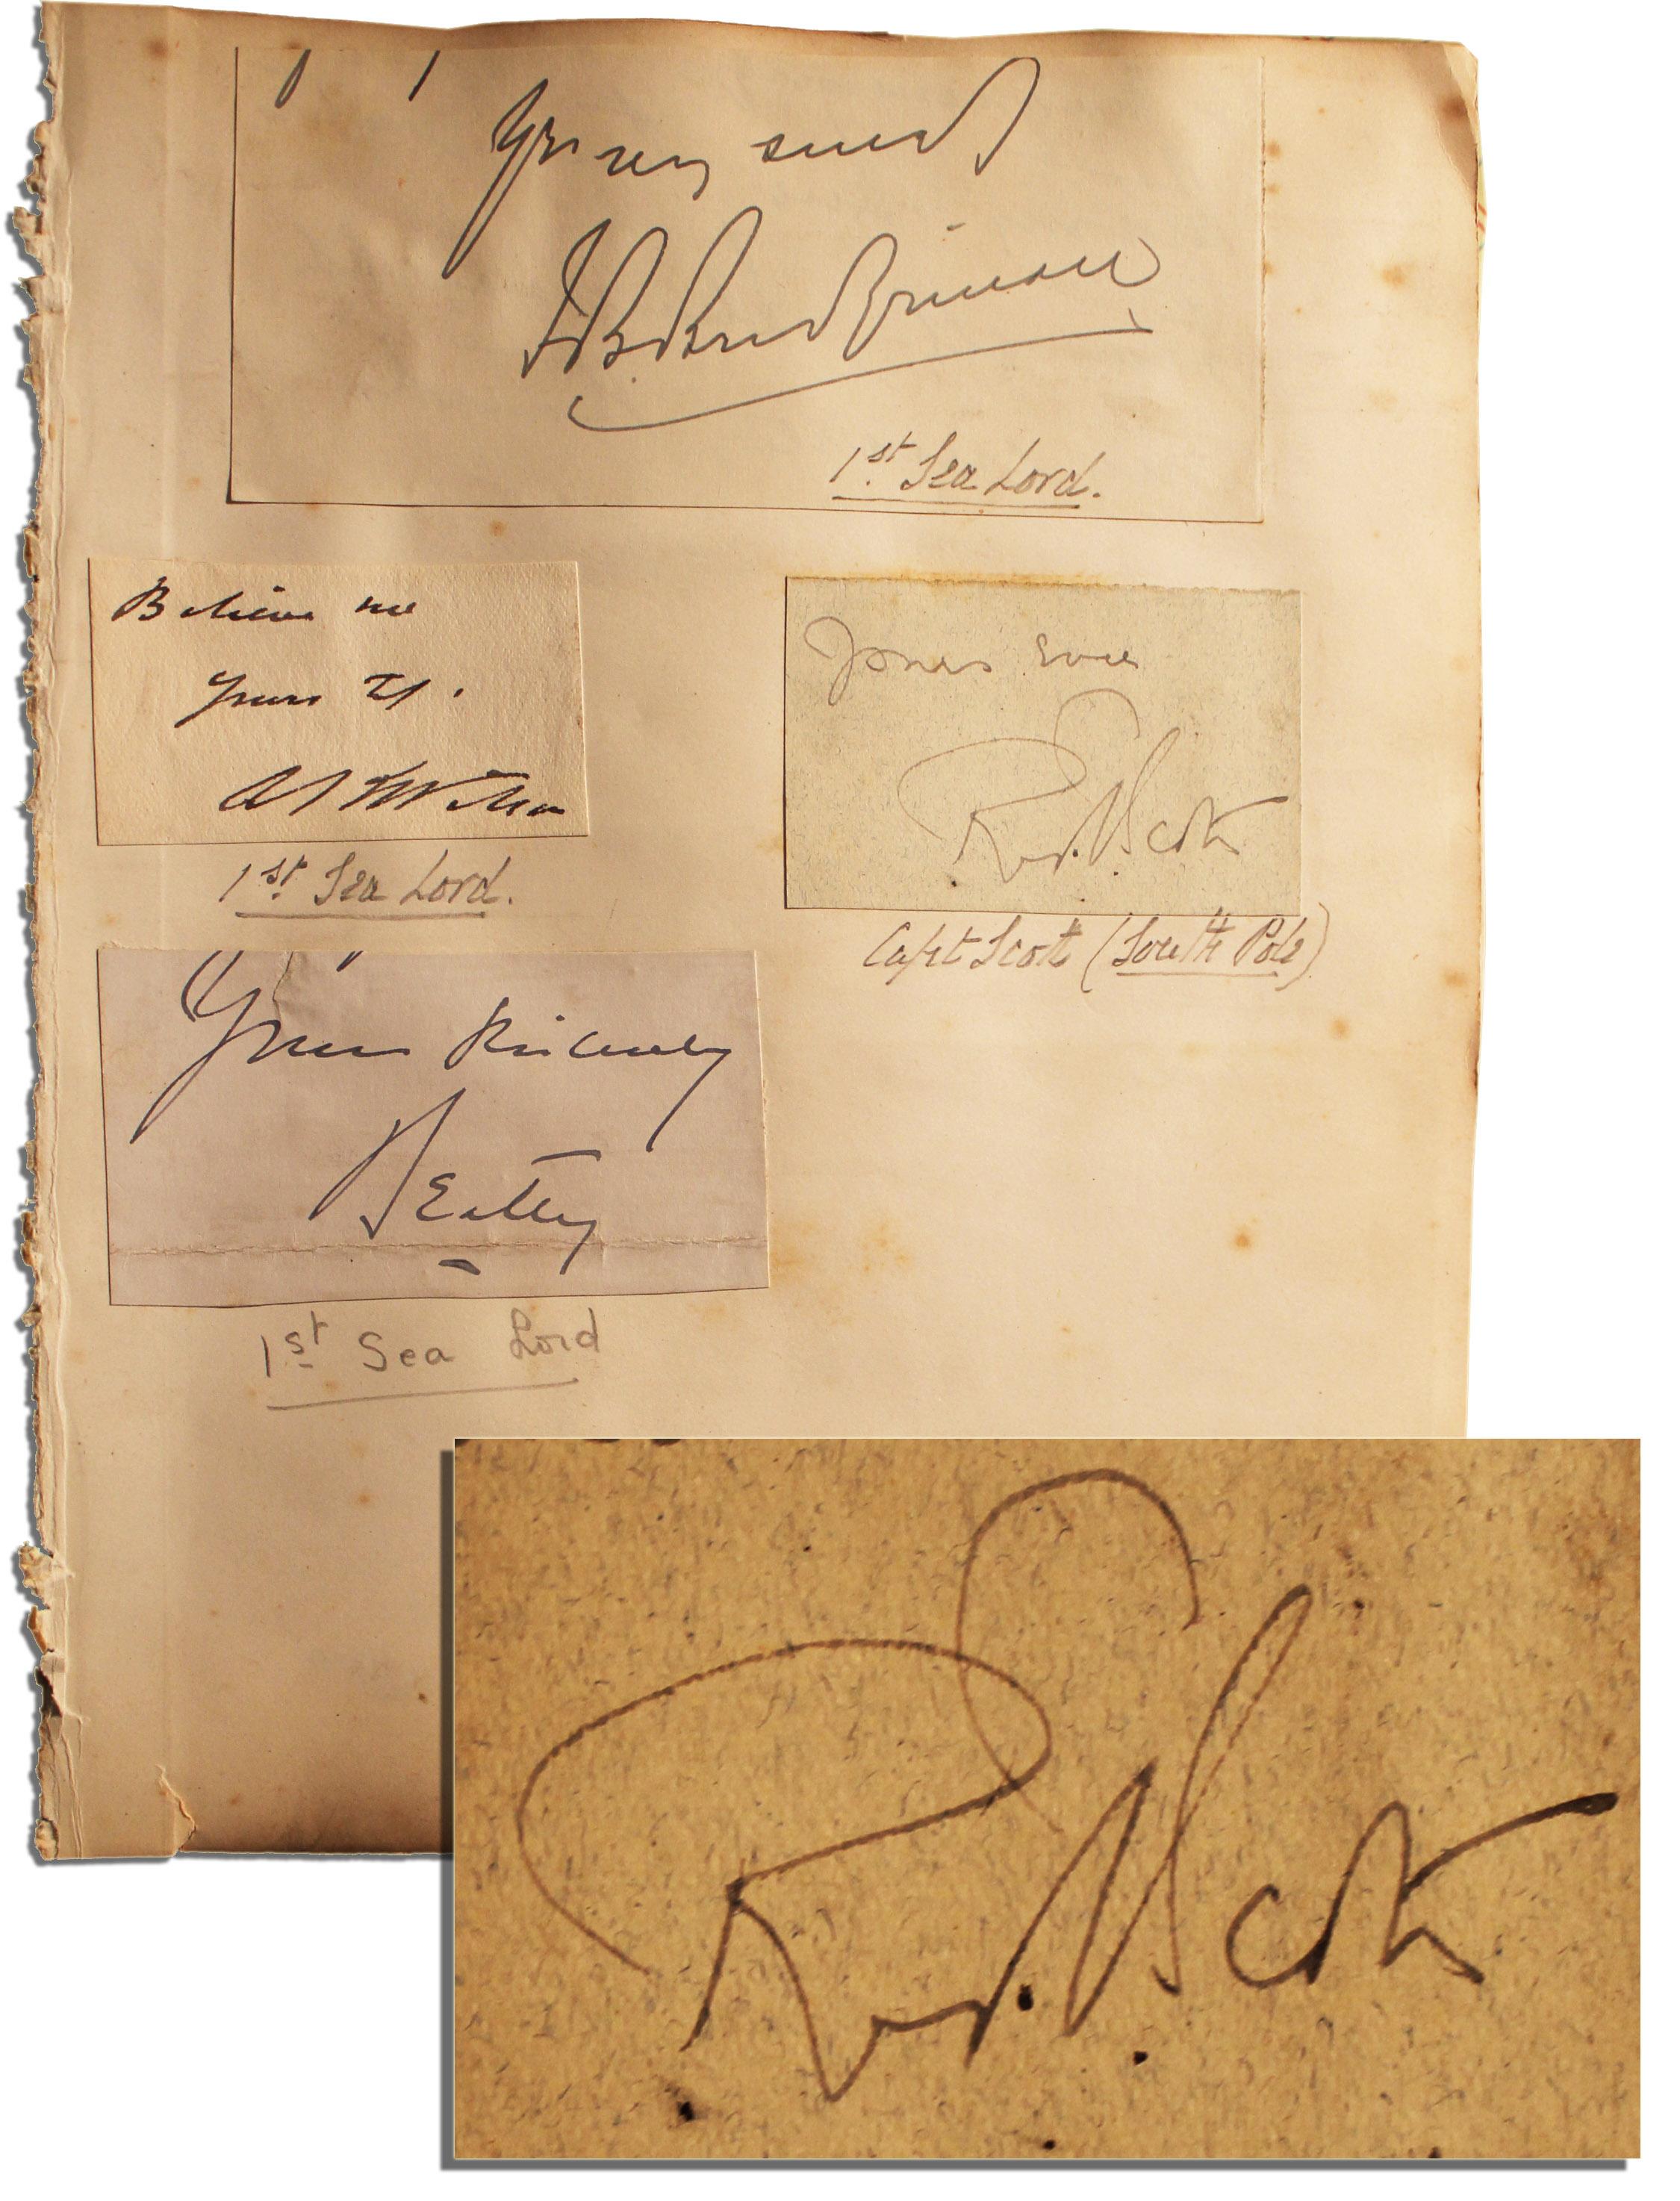 Robert Falcon Scott autograph